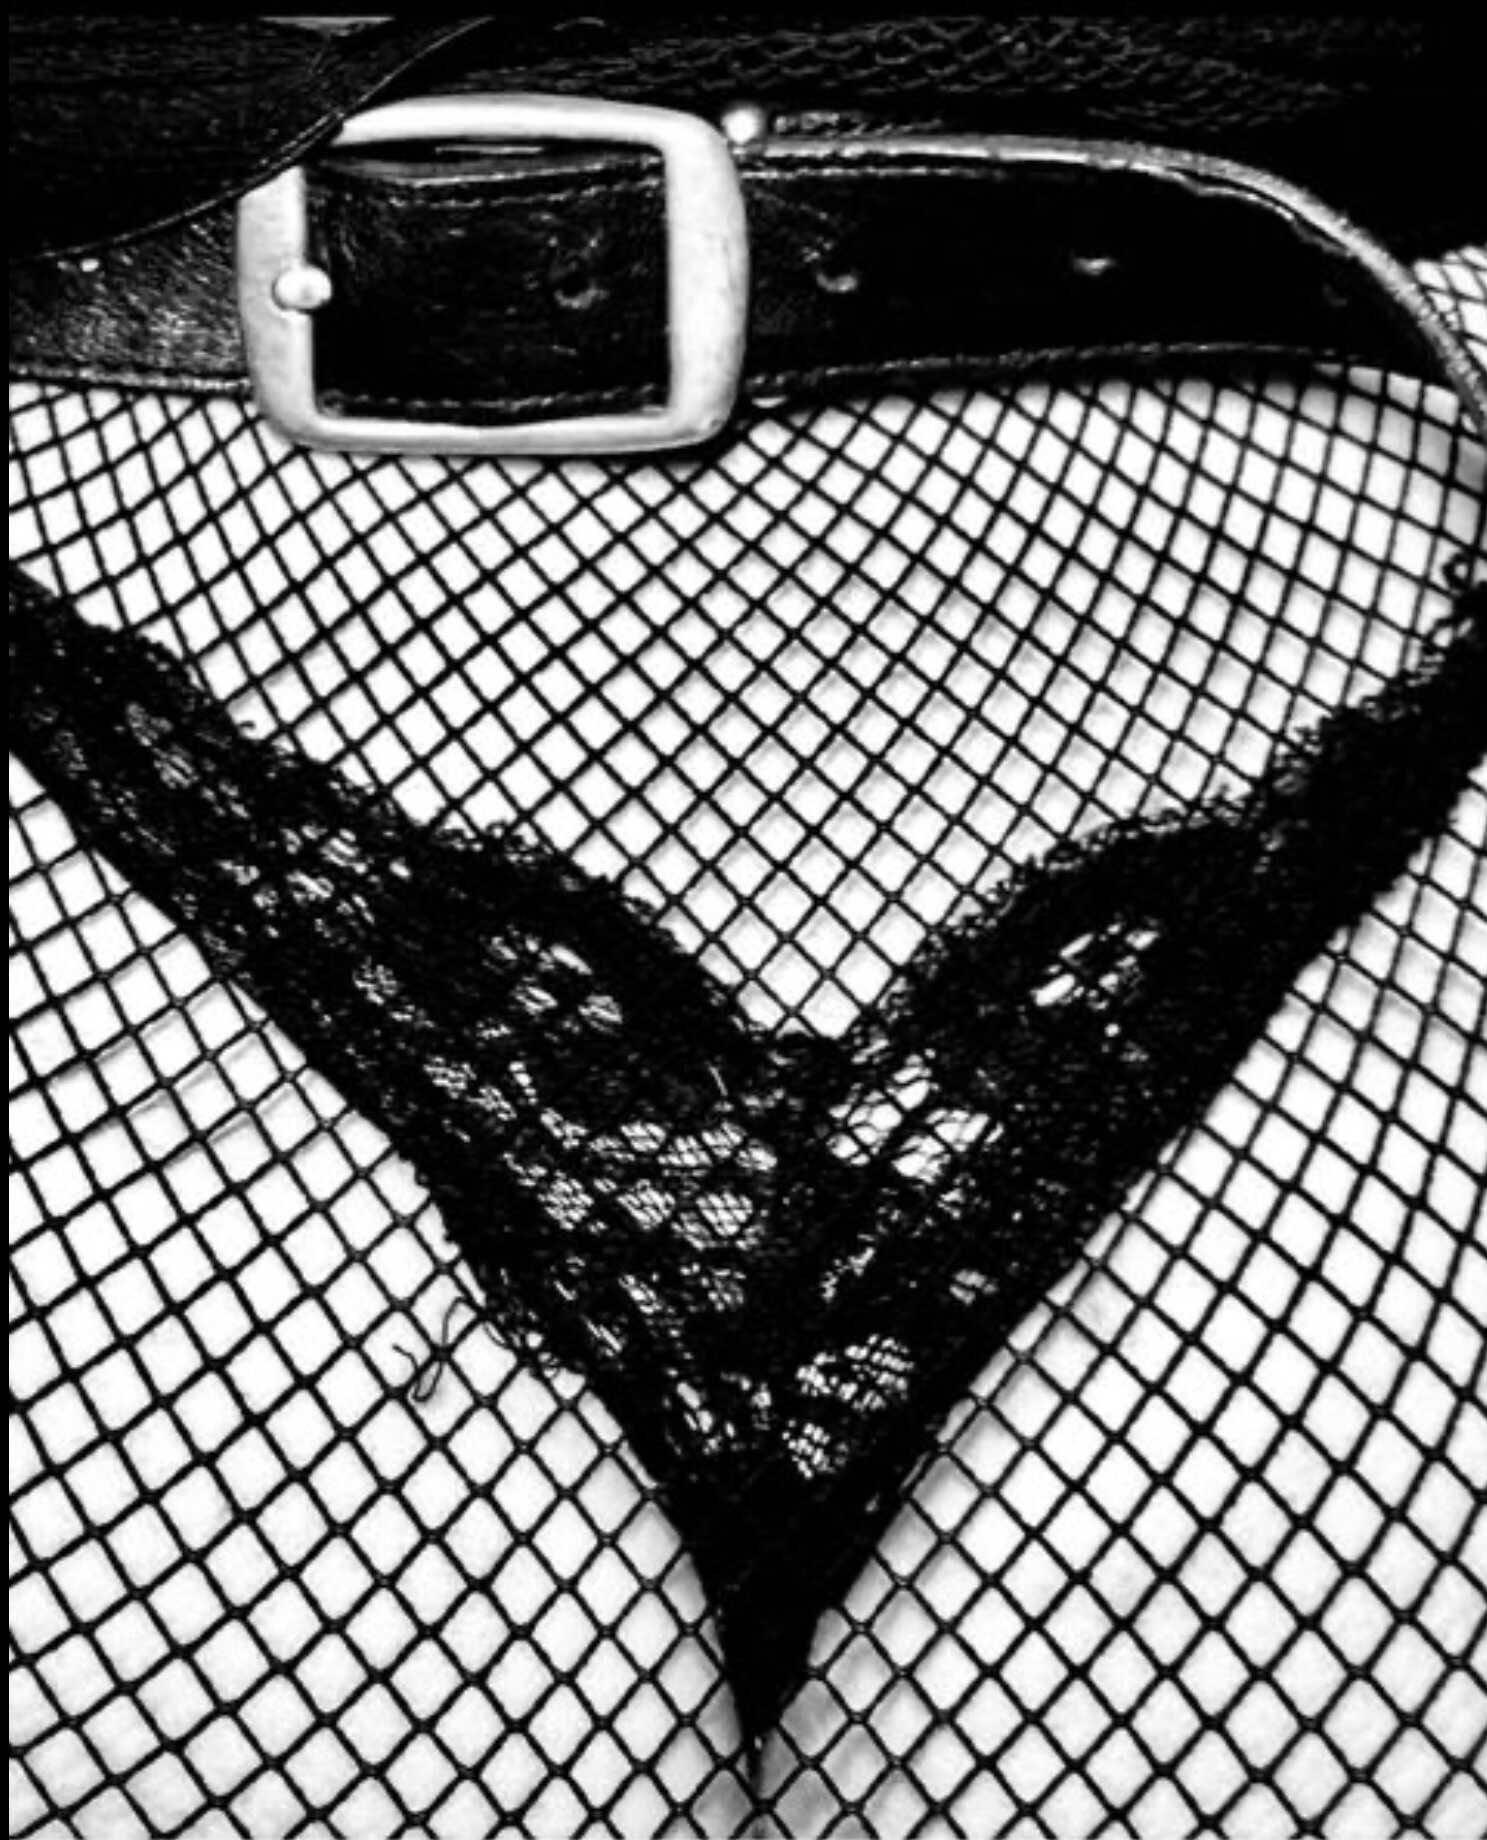 Новая эротичная фотосессия Мадонны заставила поклонников ещё больше сомневаться в адекватности певицы